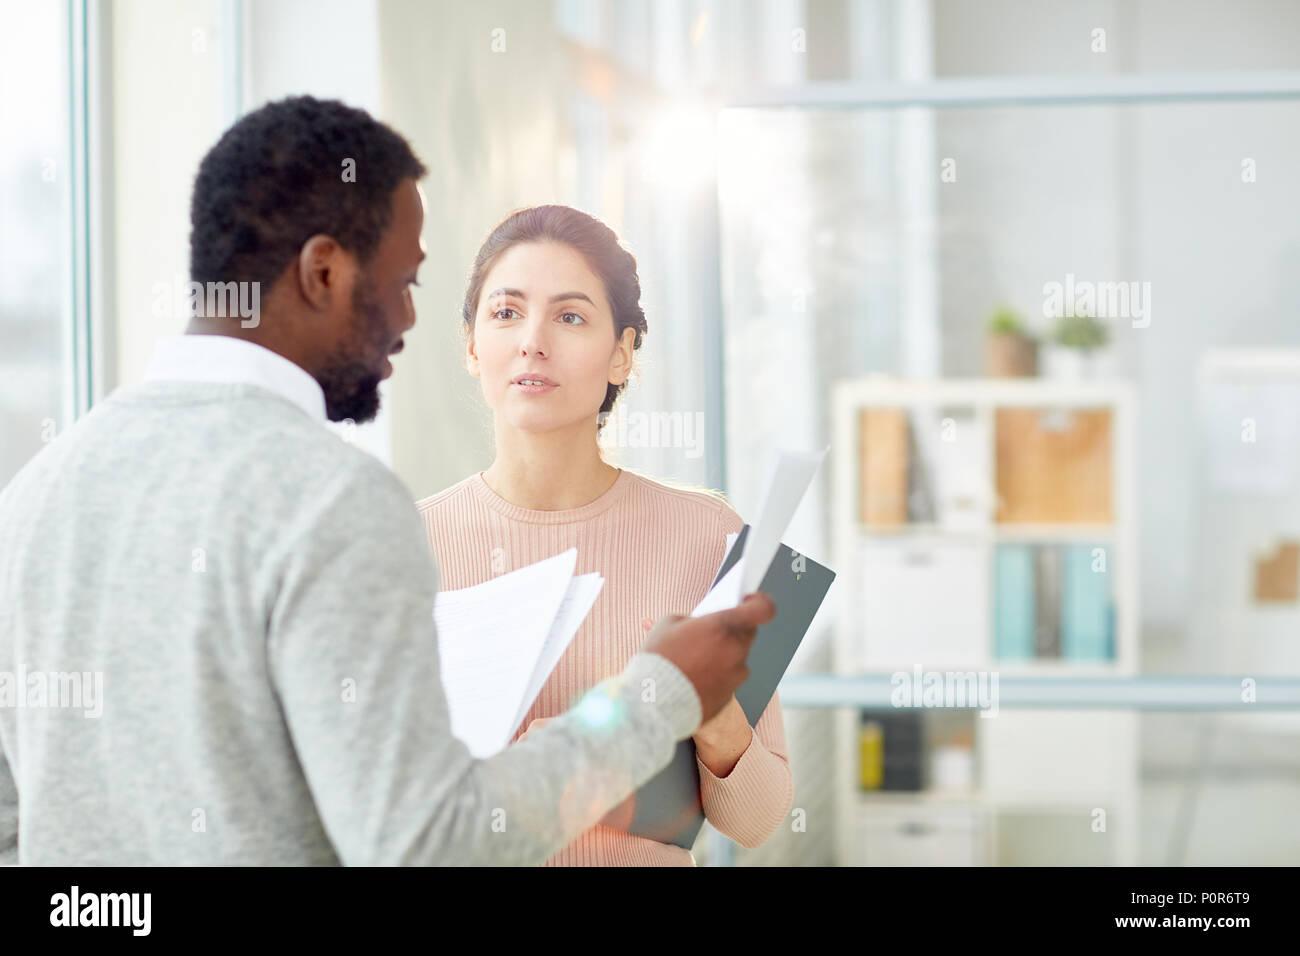 Bärtige Afrikanische amerikanische Unternehmer Studium der Statistik Daten mit Jungen untergeordnete beim Stehen bei modernen Großraumbüro, lens flare Stockbild